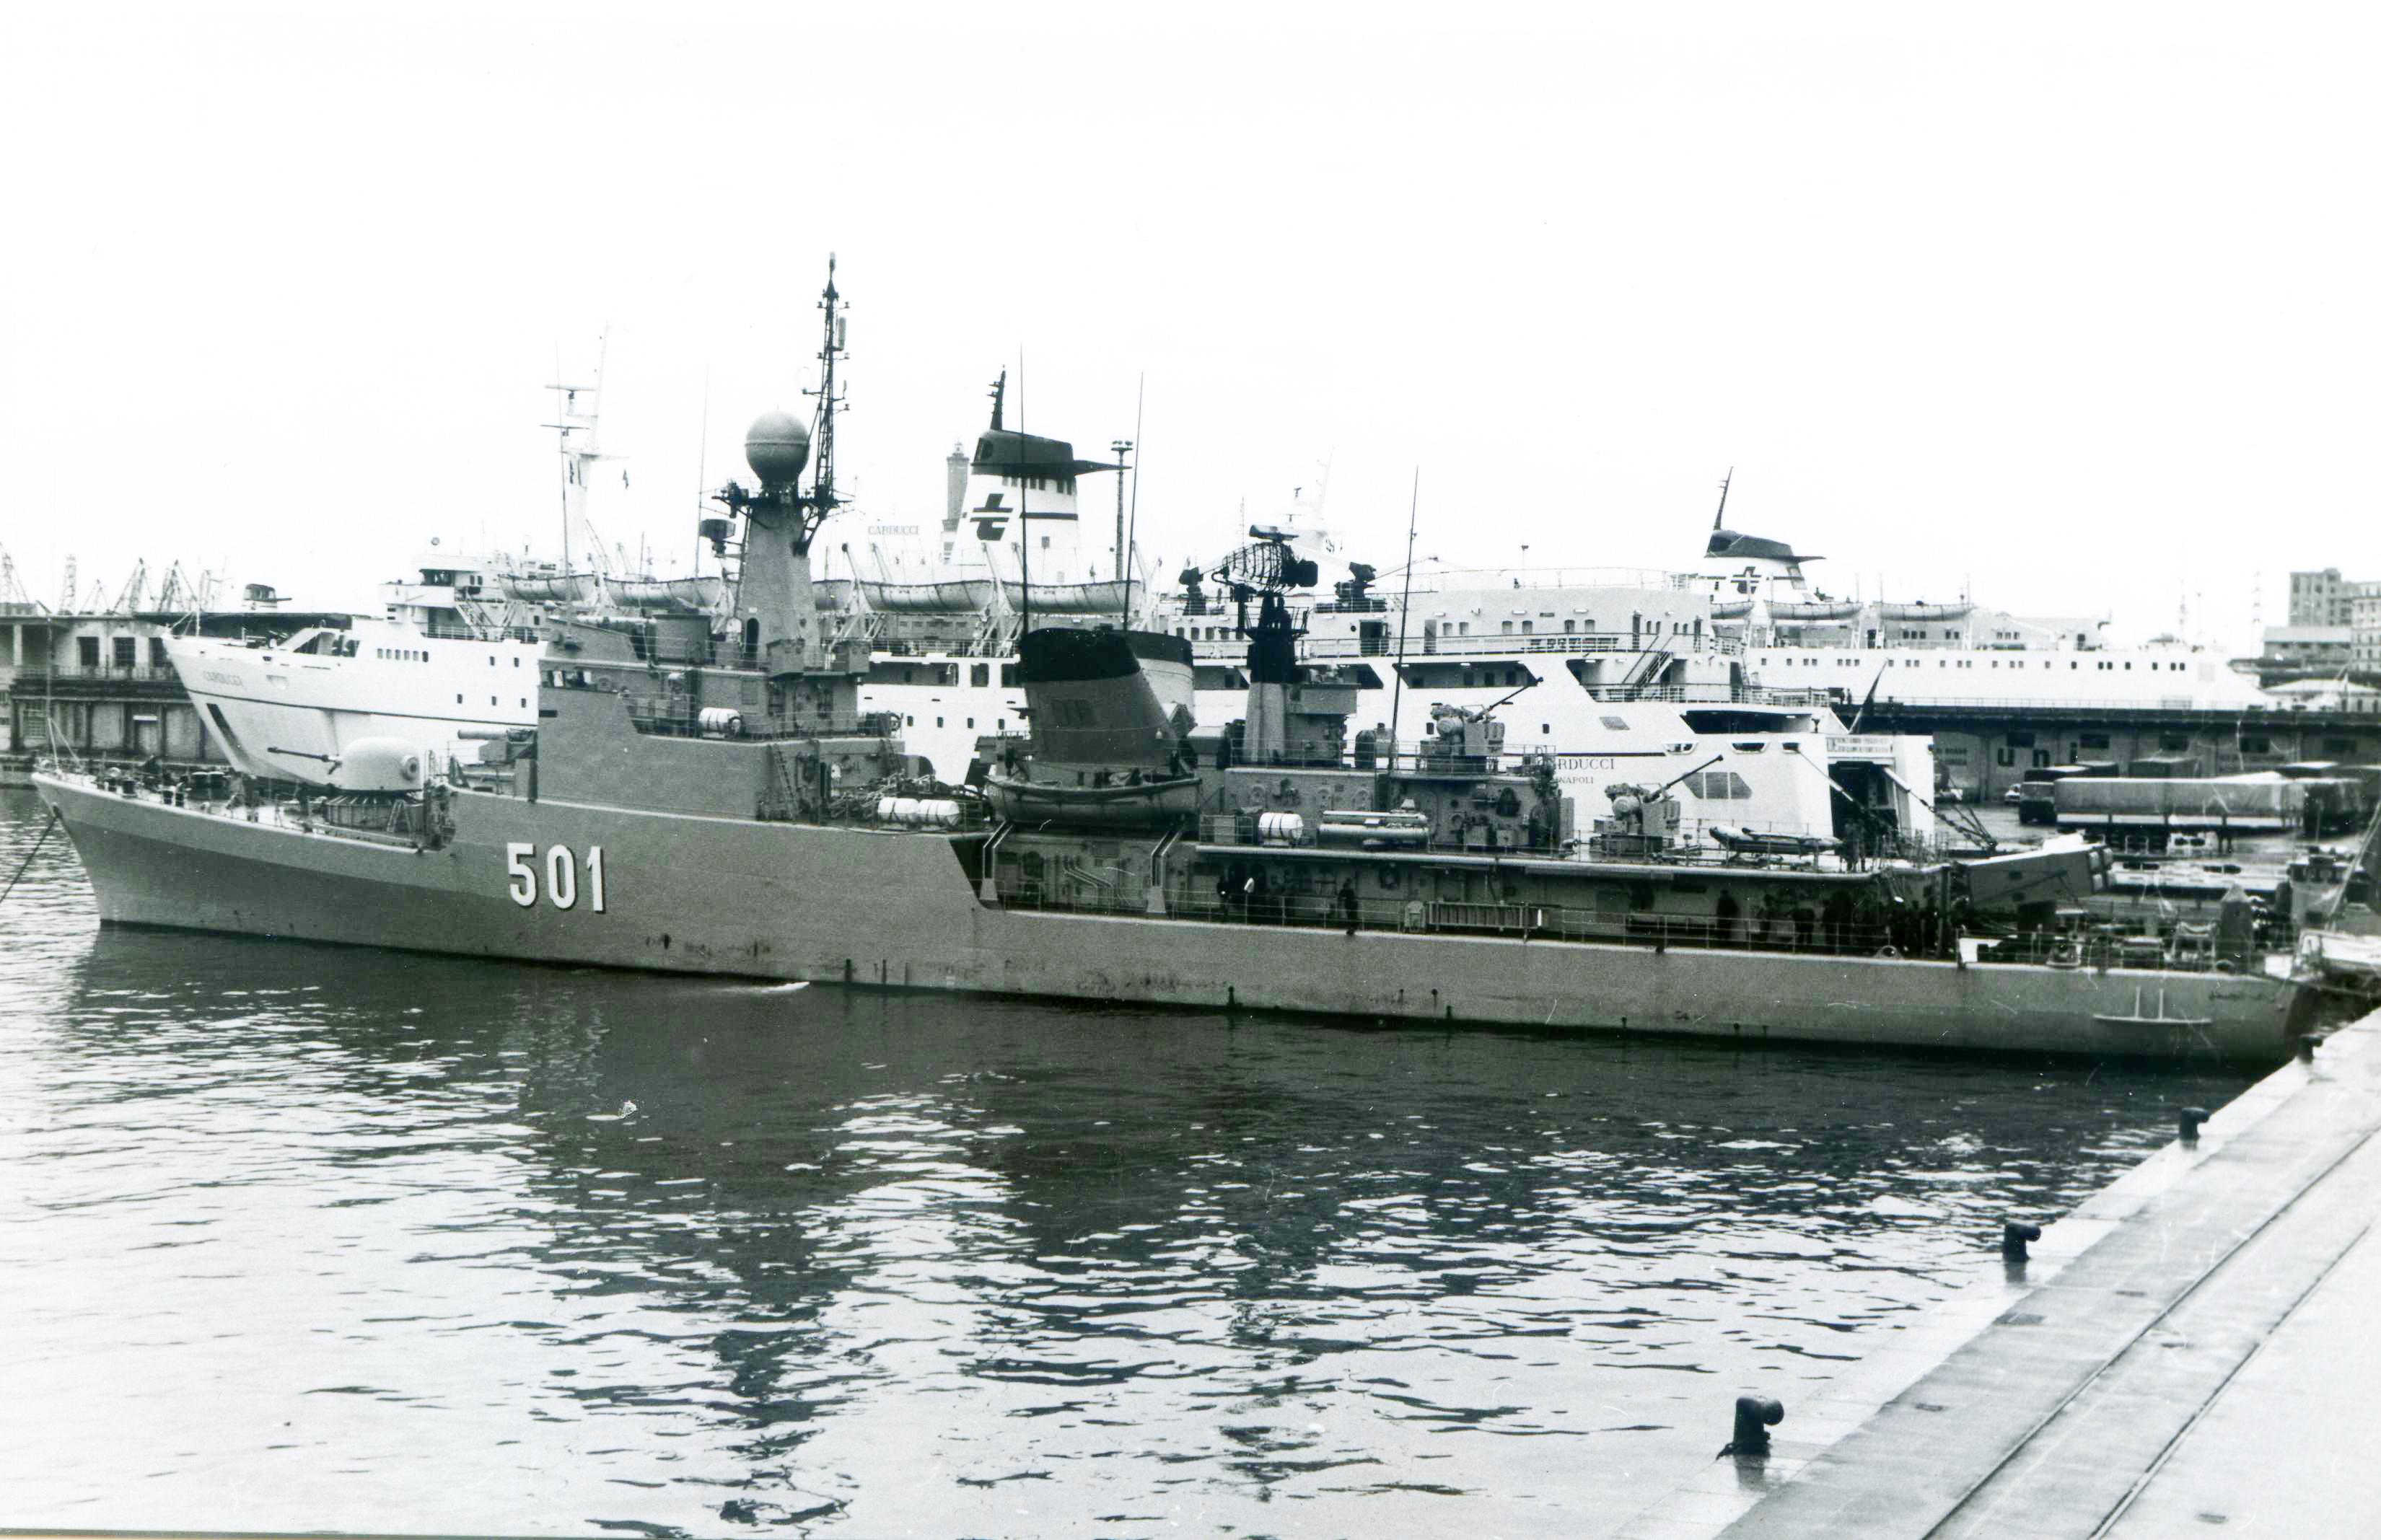 Royal Moroccan Navy Descubierta Frigate / Patrouilleur Océanique Lt Cl Errahmani - Bâtiment École - Page 4 3260089